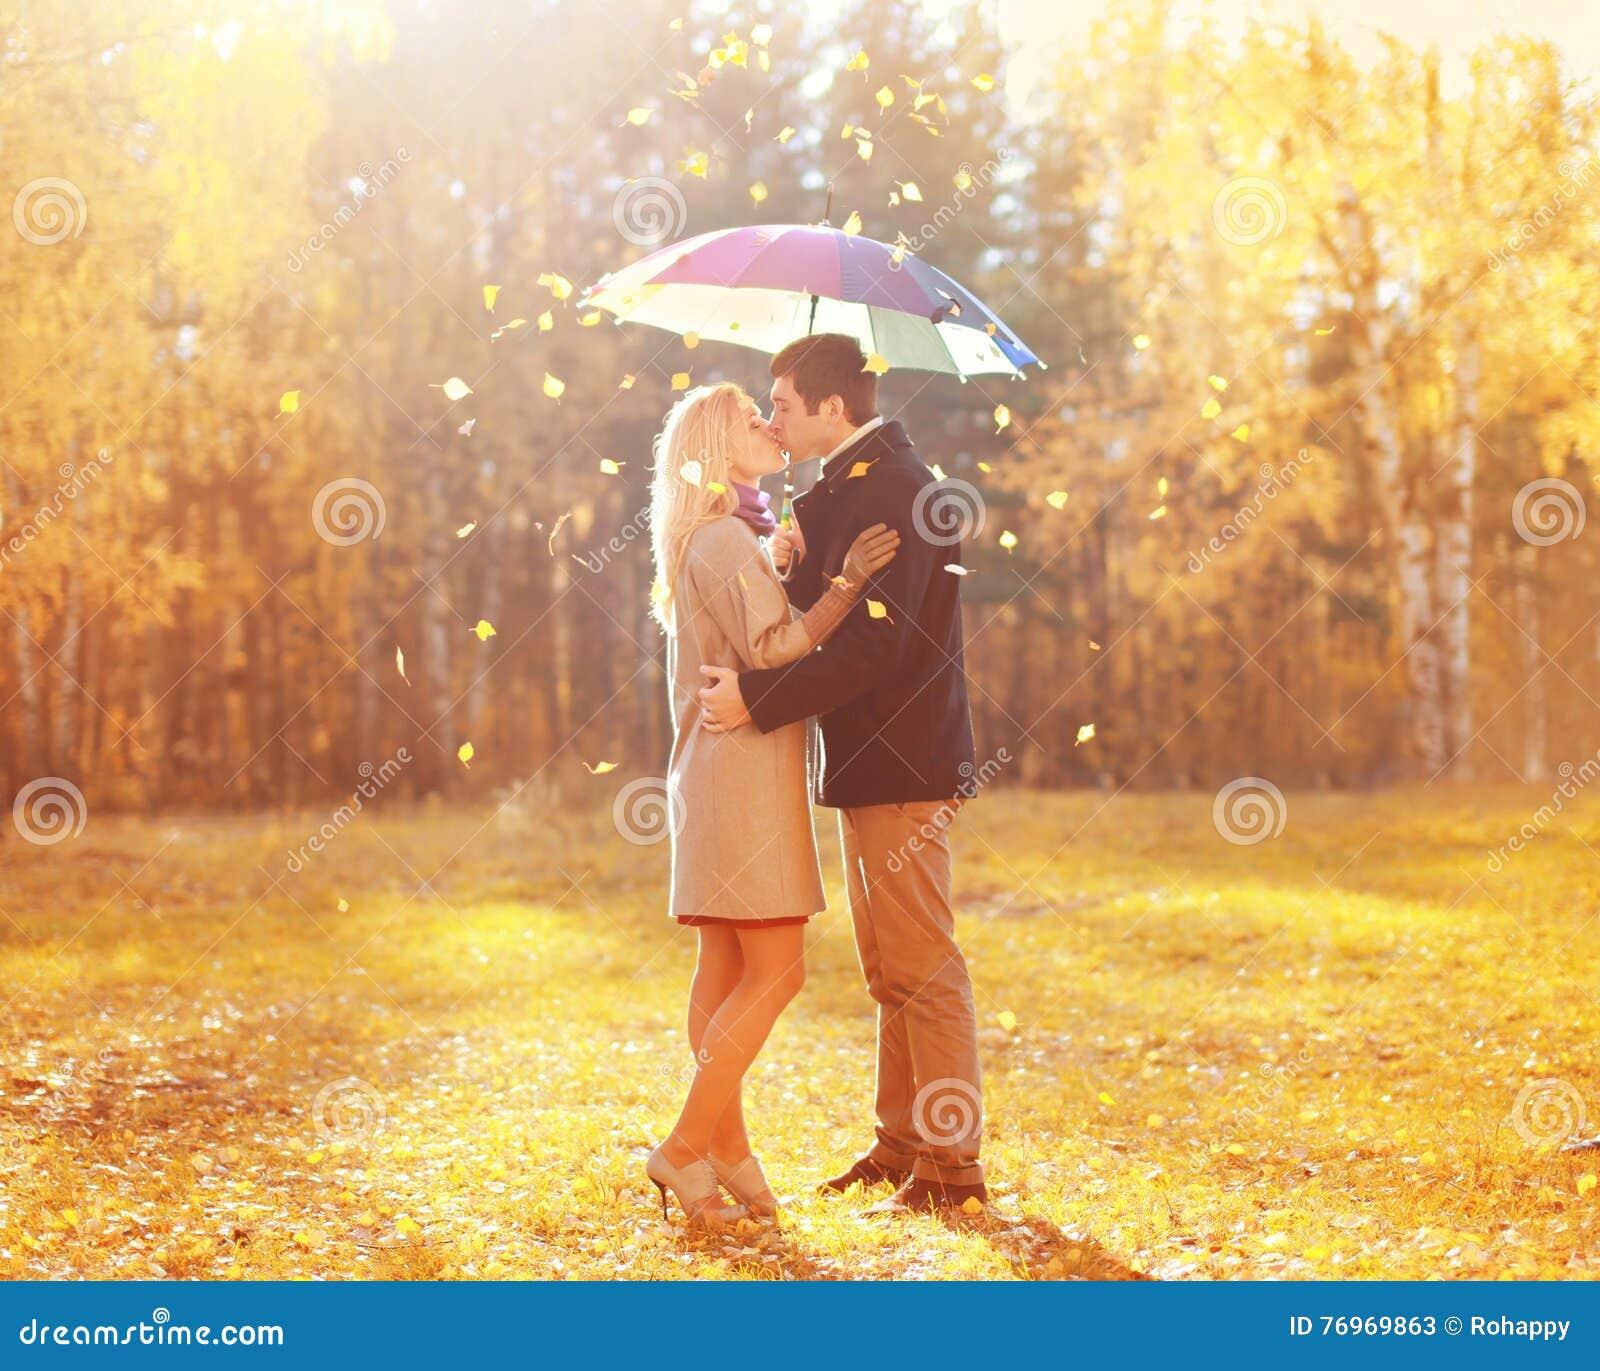 Szczęśliwa romantyczna całowanie para w miłości z kolorowym parasolem przy ciepłym słonecznym dniem nad żółtymi latającymi liśćmi